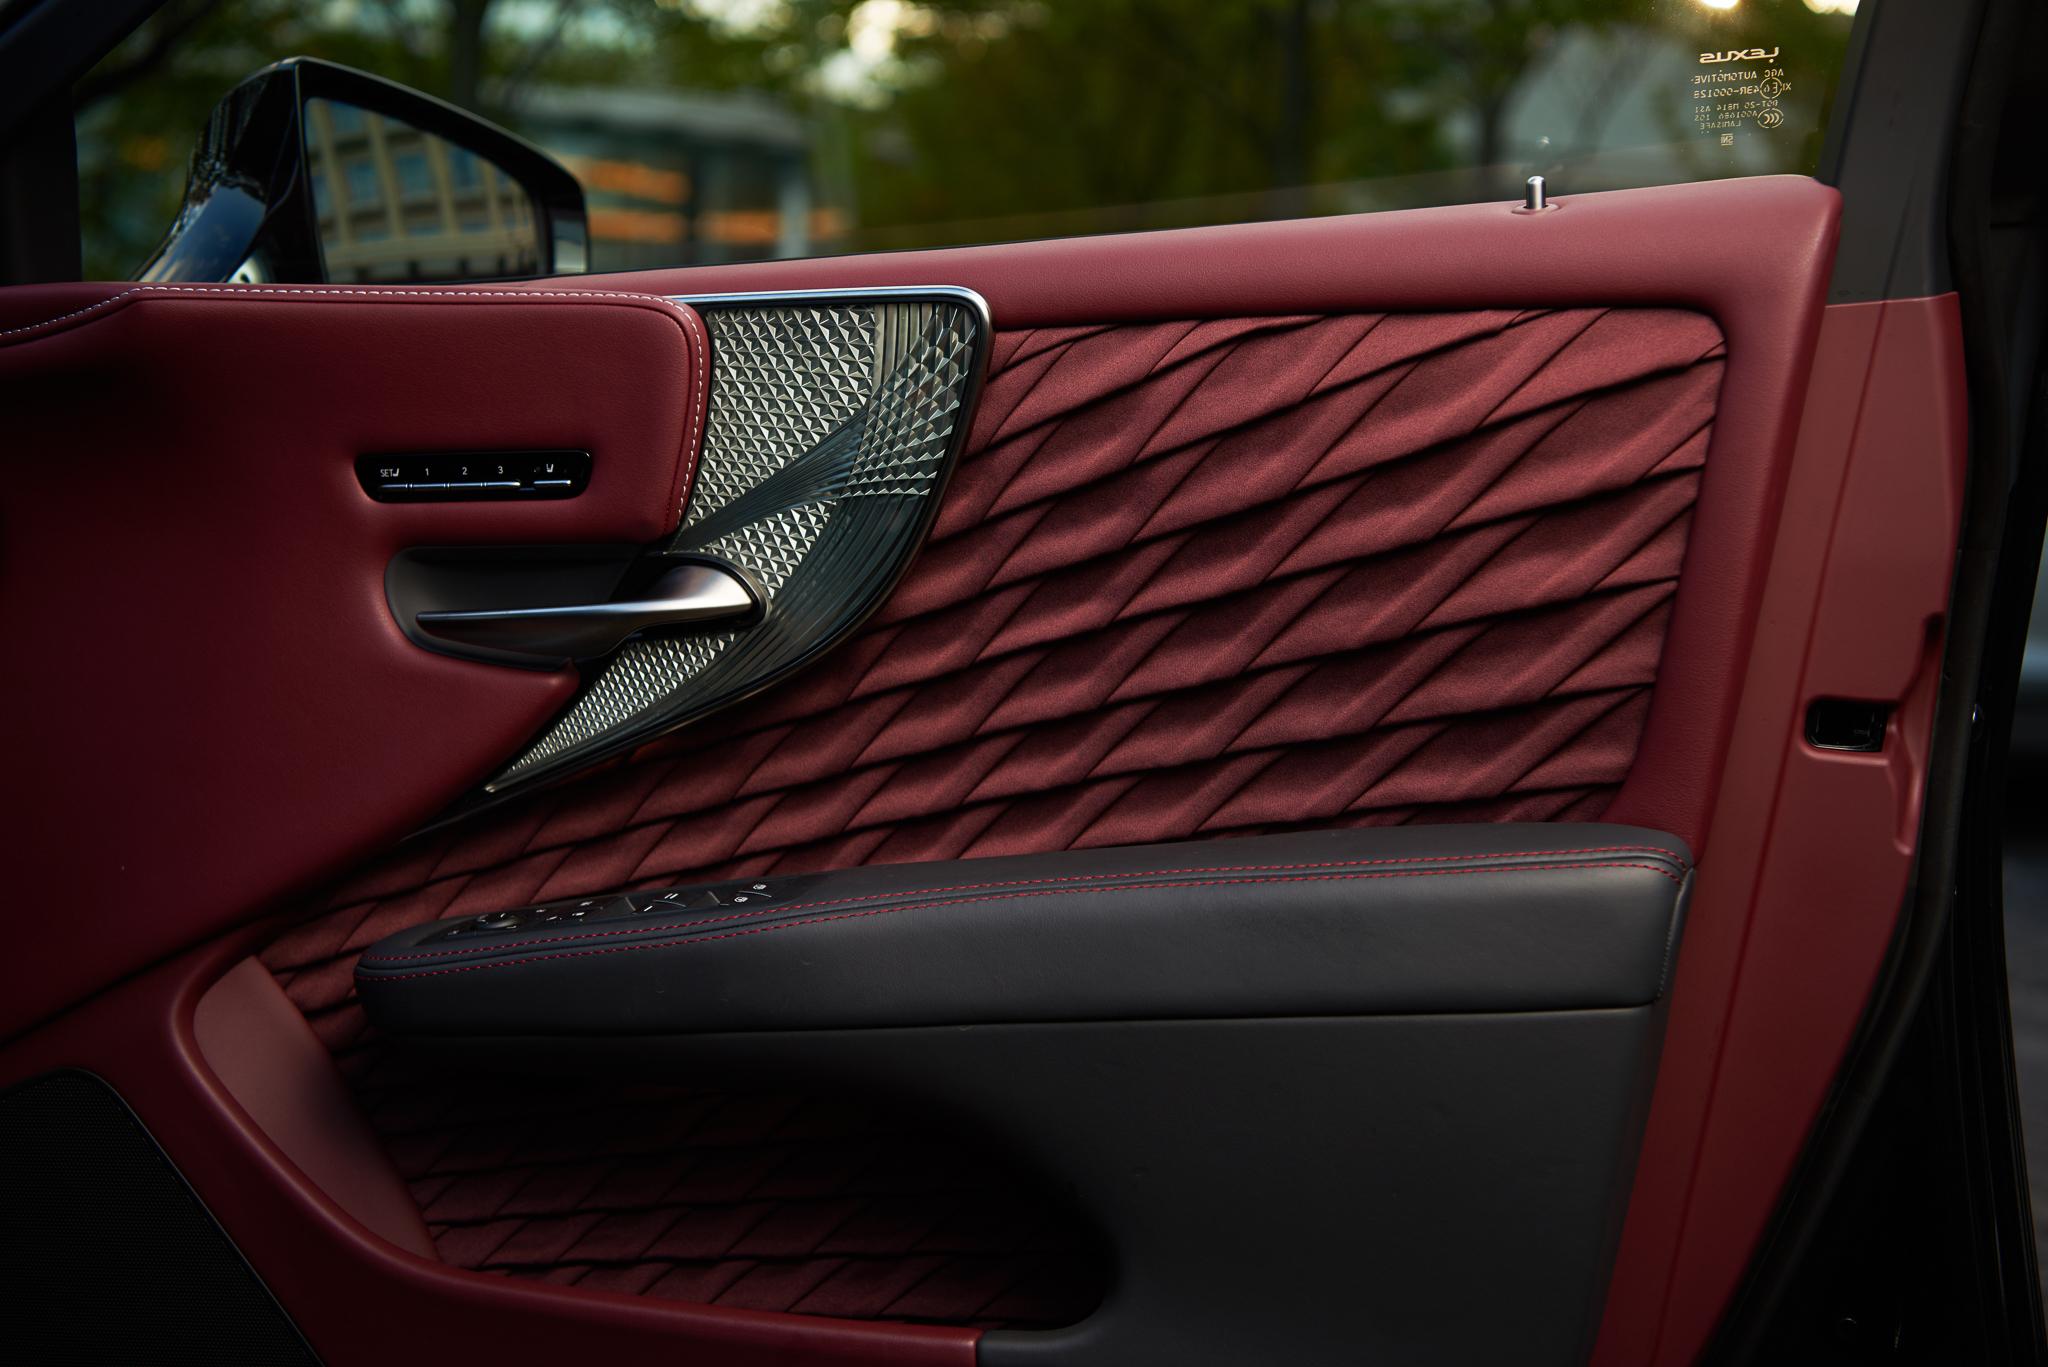 Detalhes no interior do carro Lexus pensados pelos Mestres Takumi